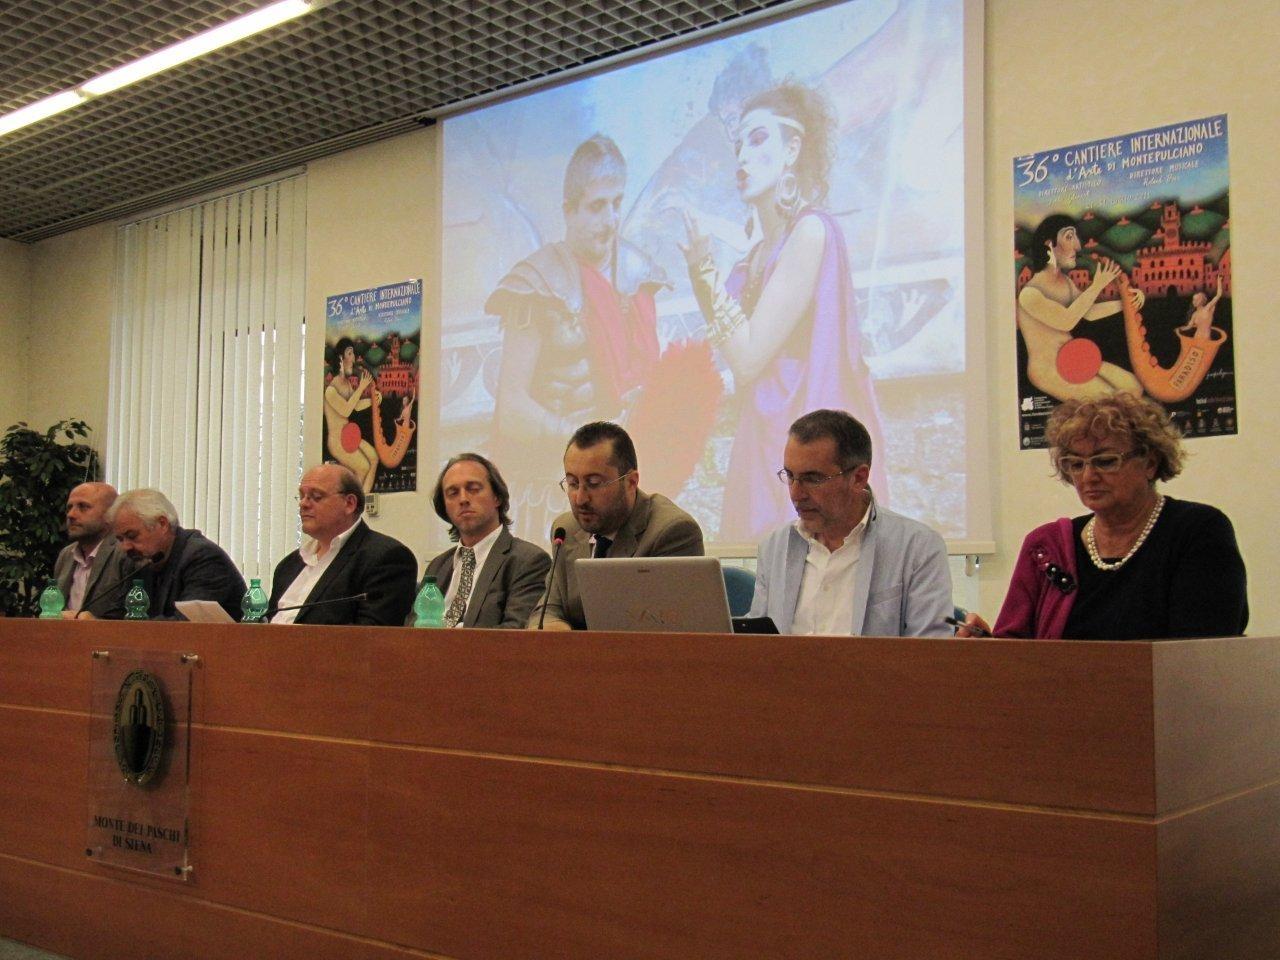 Montepulciano: presentato il Cantiere Internazionale d'arte